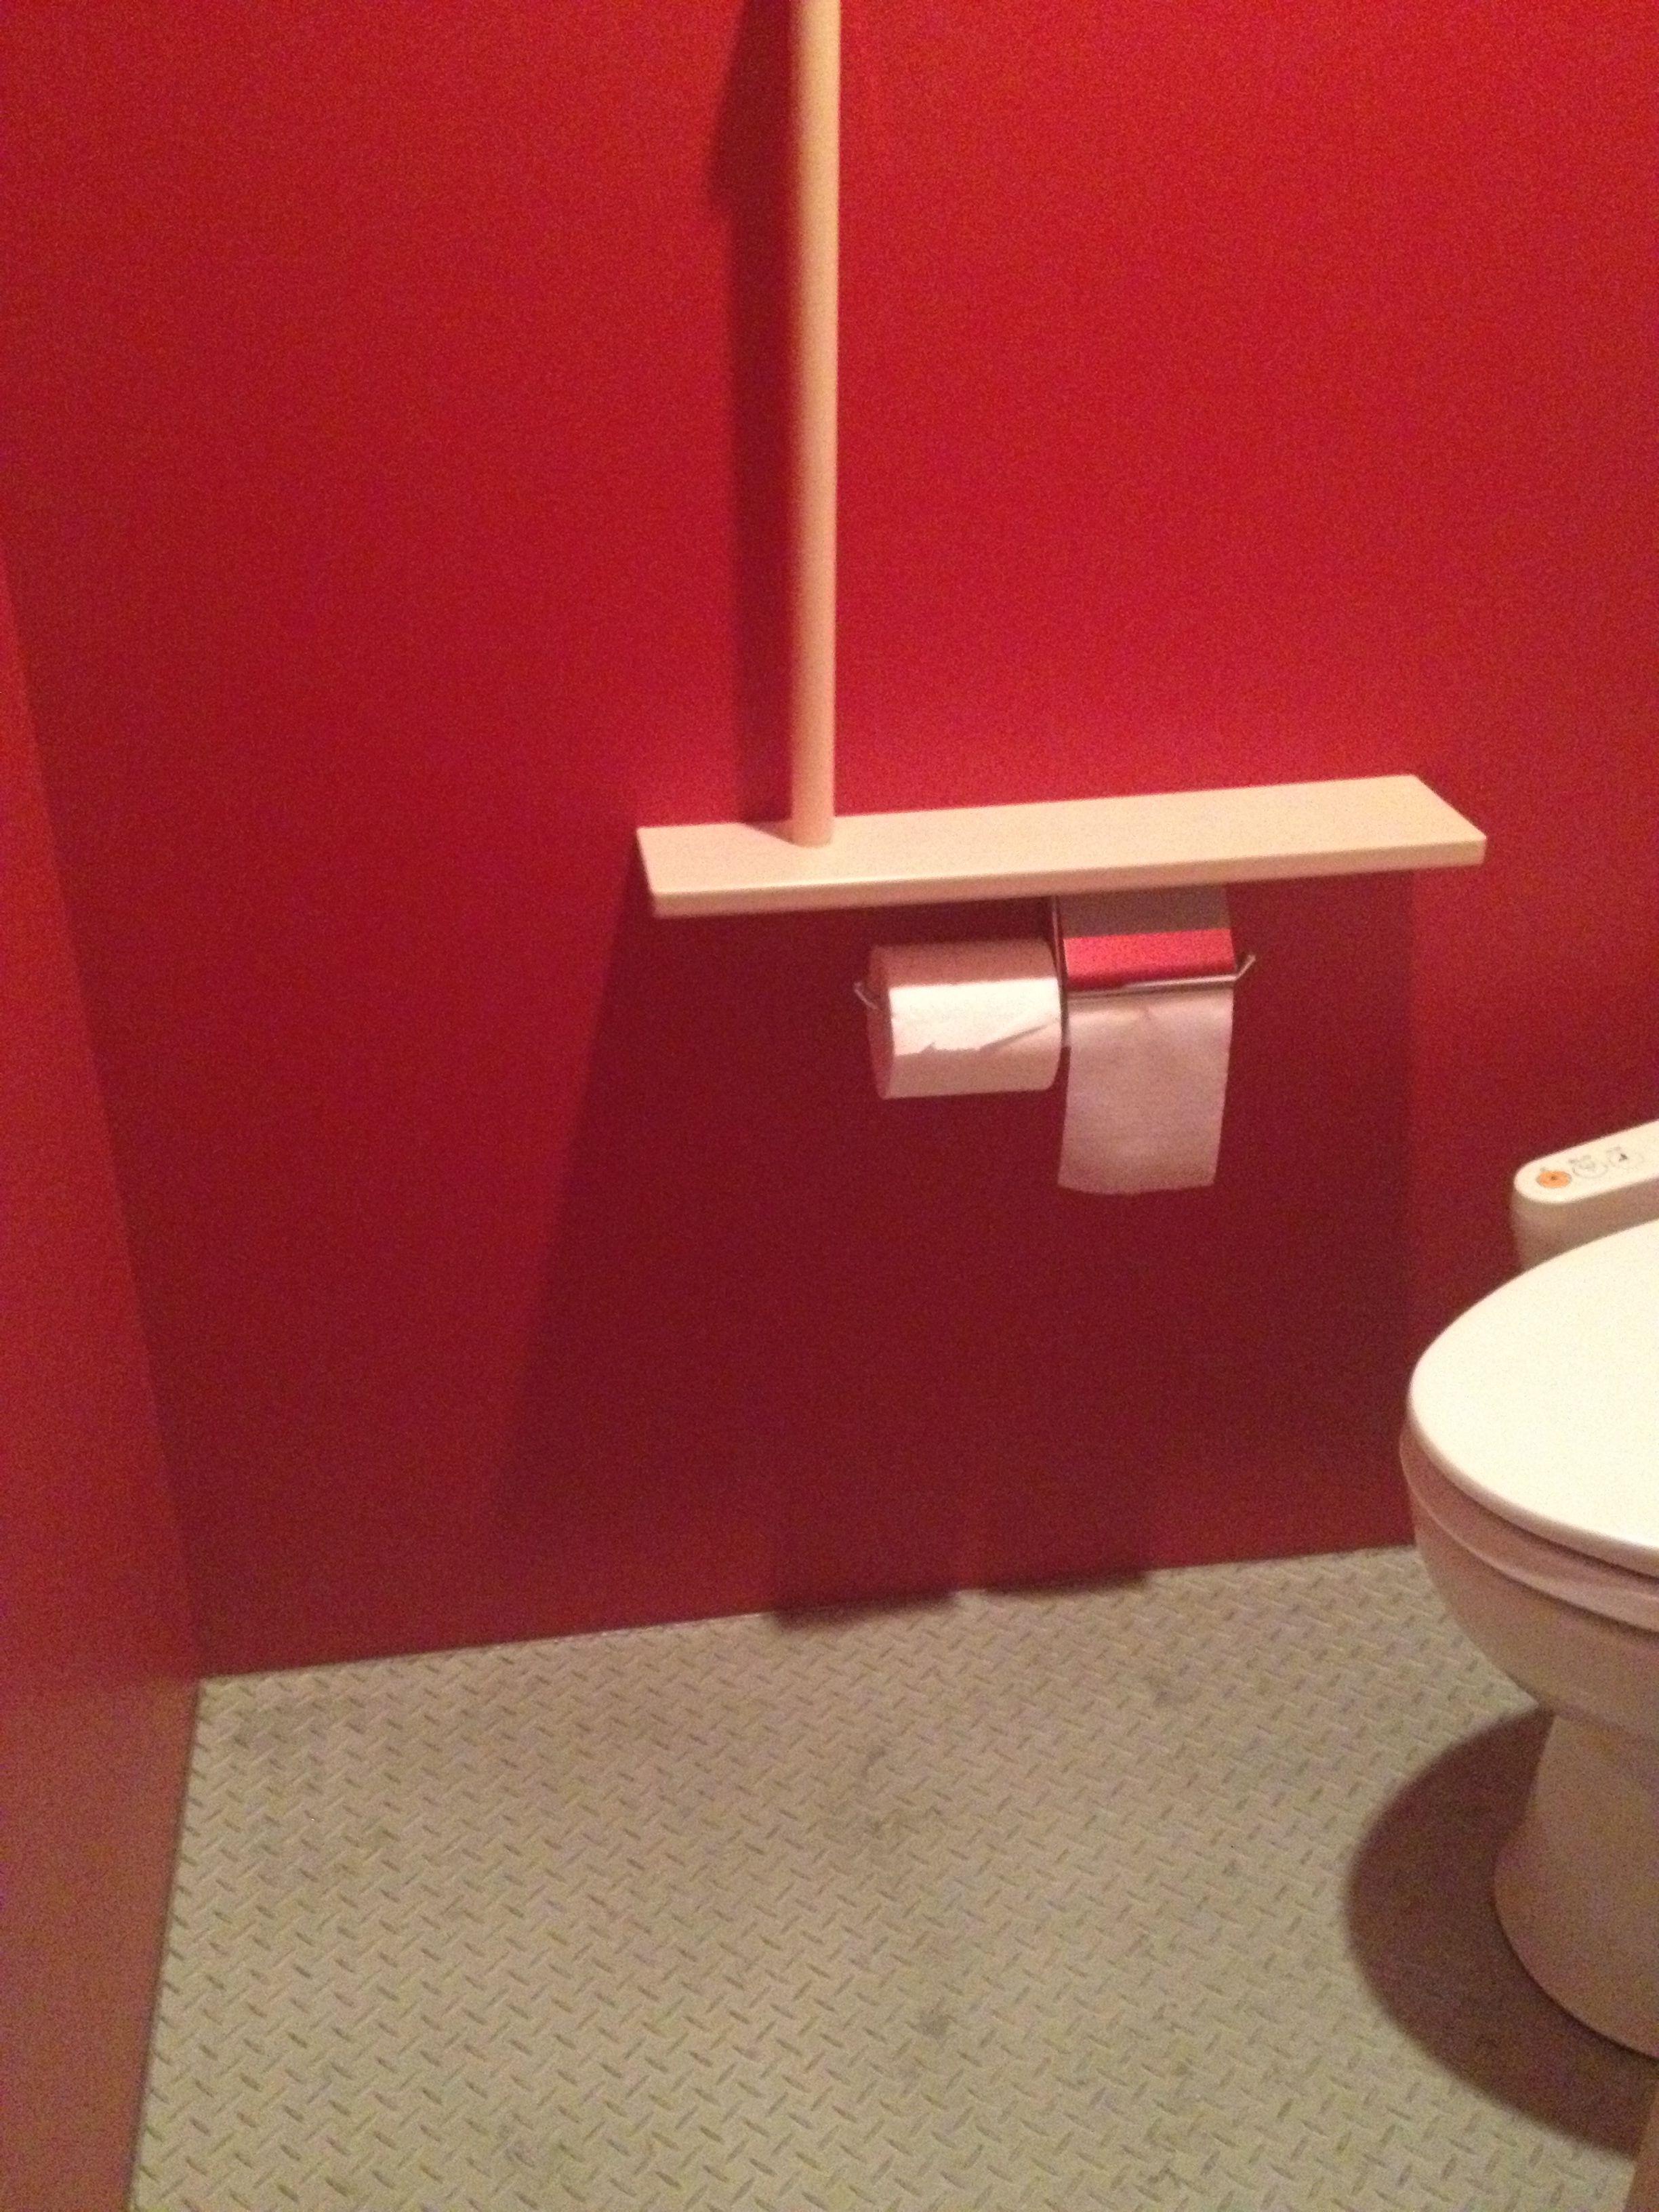 単色のトイレ http://item.rakuten.co.jp/diaadia/wp-solid_color/